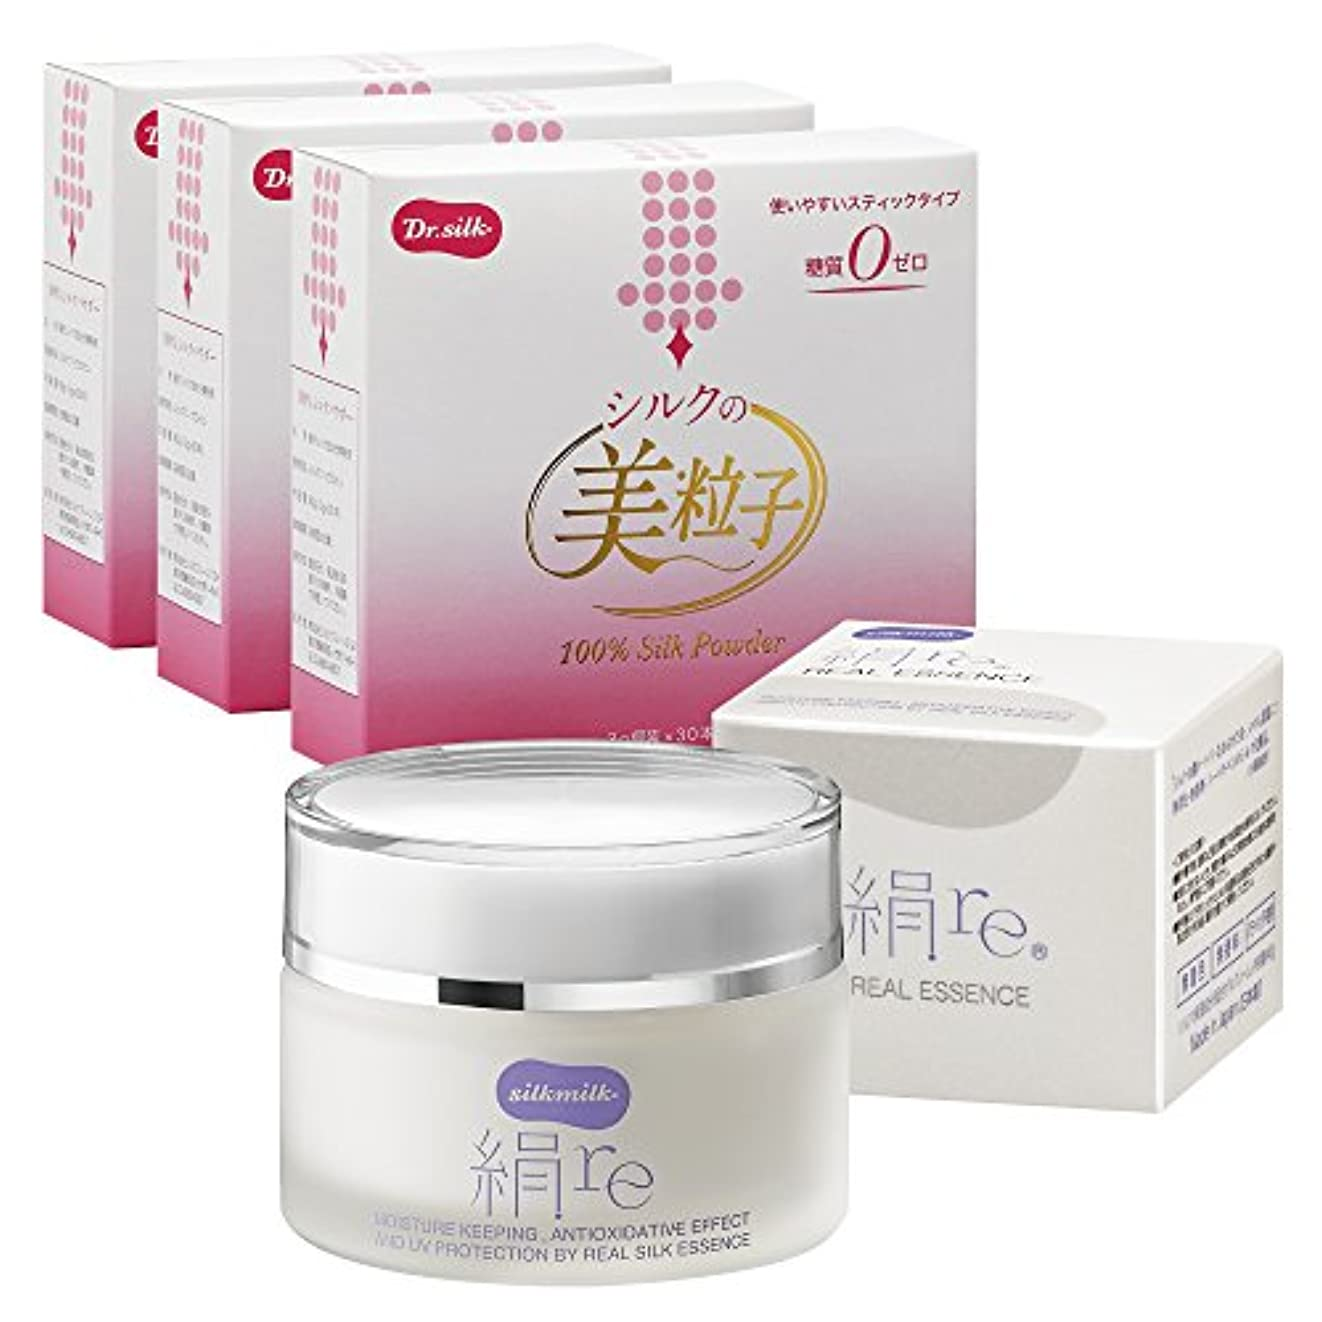 実業家アジアはがき富岡製糸場世界遺産登録記念「シルクの美粒子3箱+絹.re 保湿クリーム」セット